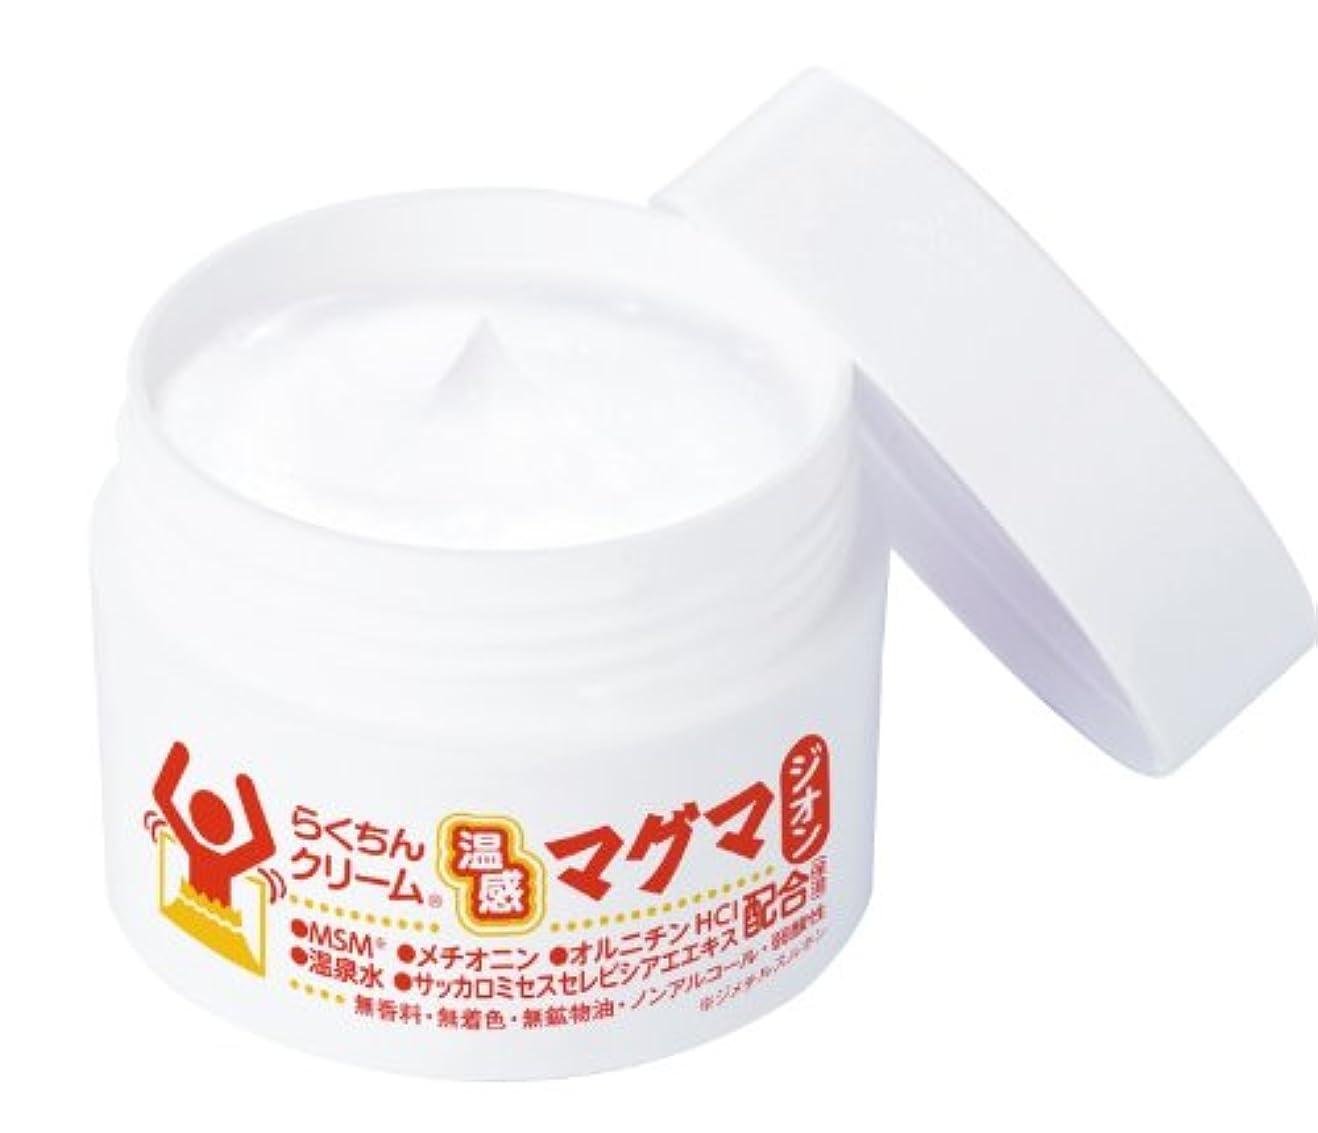 シャイニング喜んで完全に乾くらくちんクリーム 温感マグマ ジオン 3個セット ※プロも認めたマッサージクリーム!温感マグマ!自然素材の刺激がリラックス気分をもたらせます!